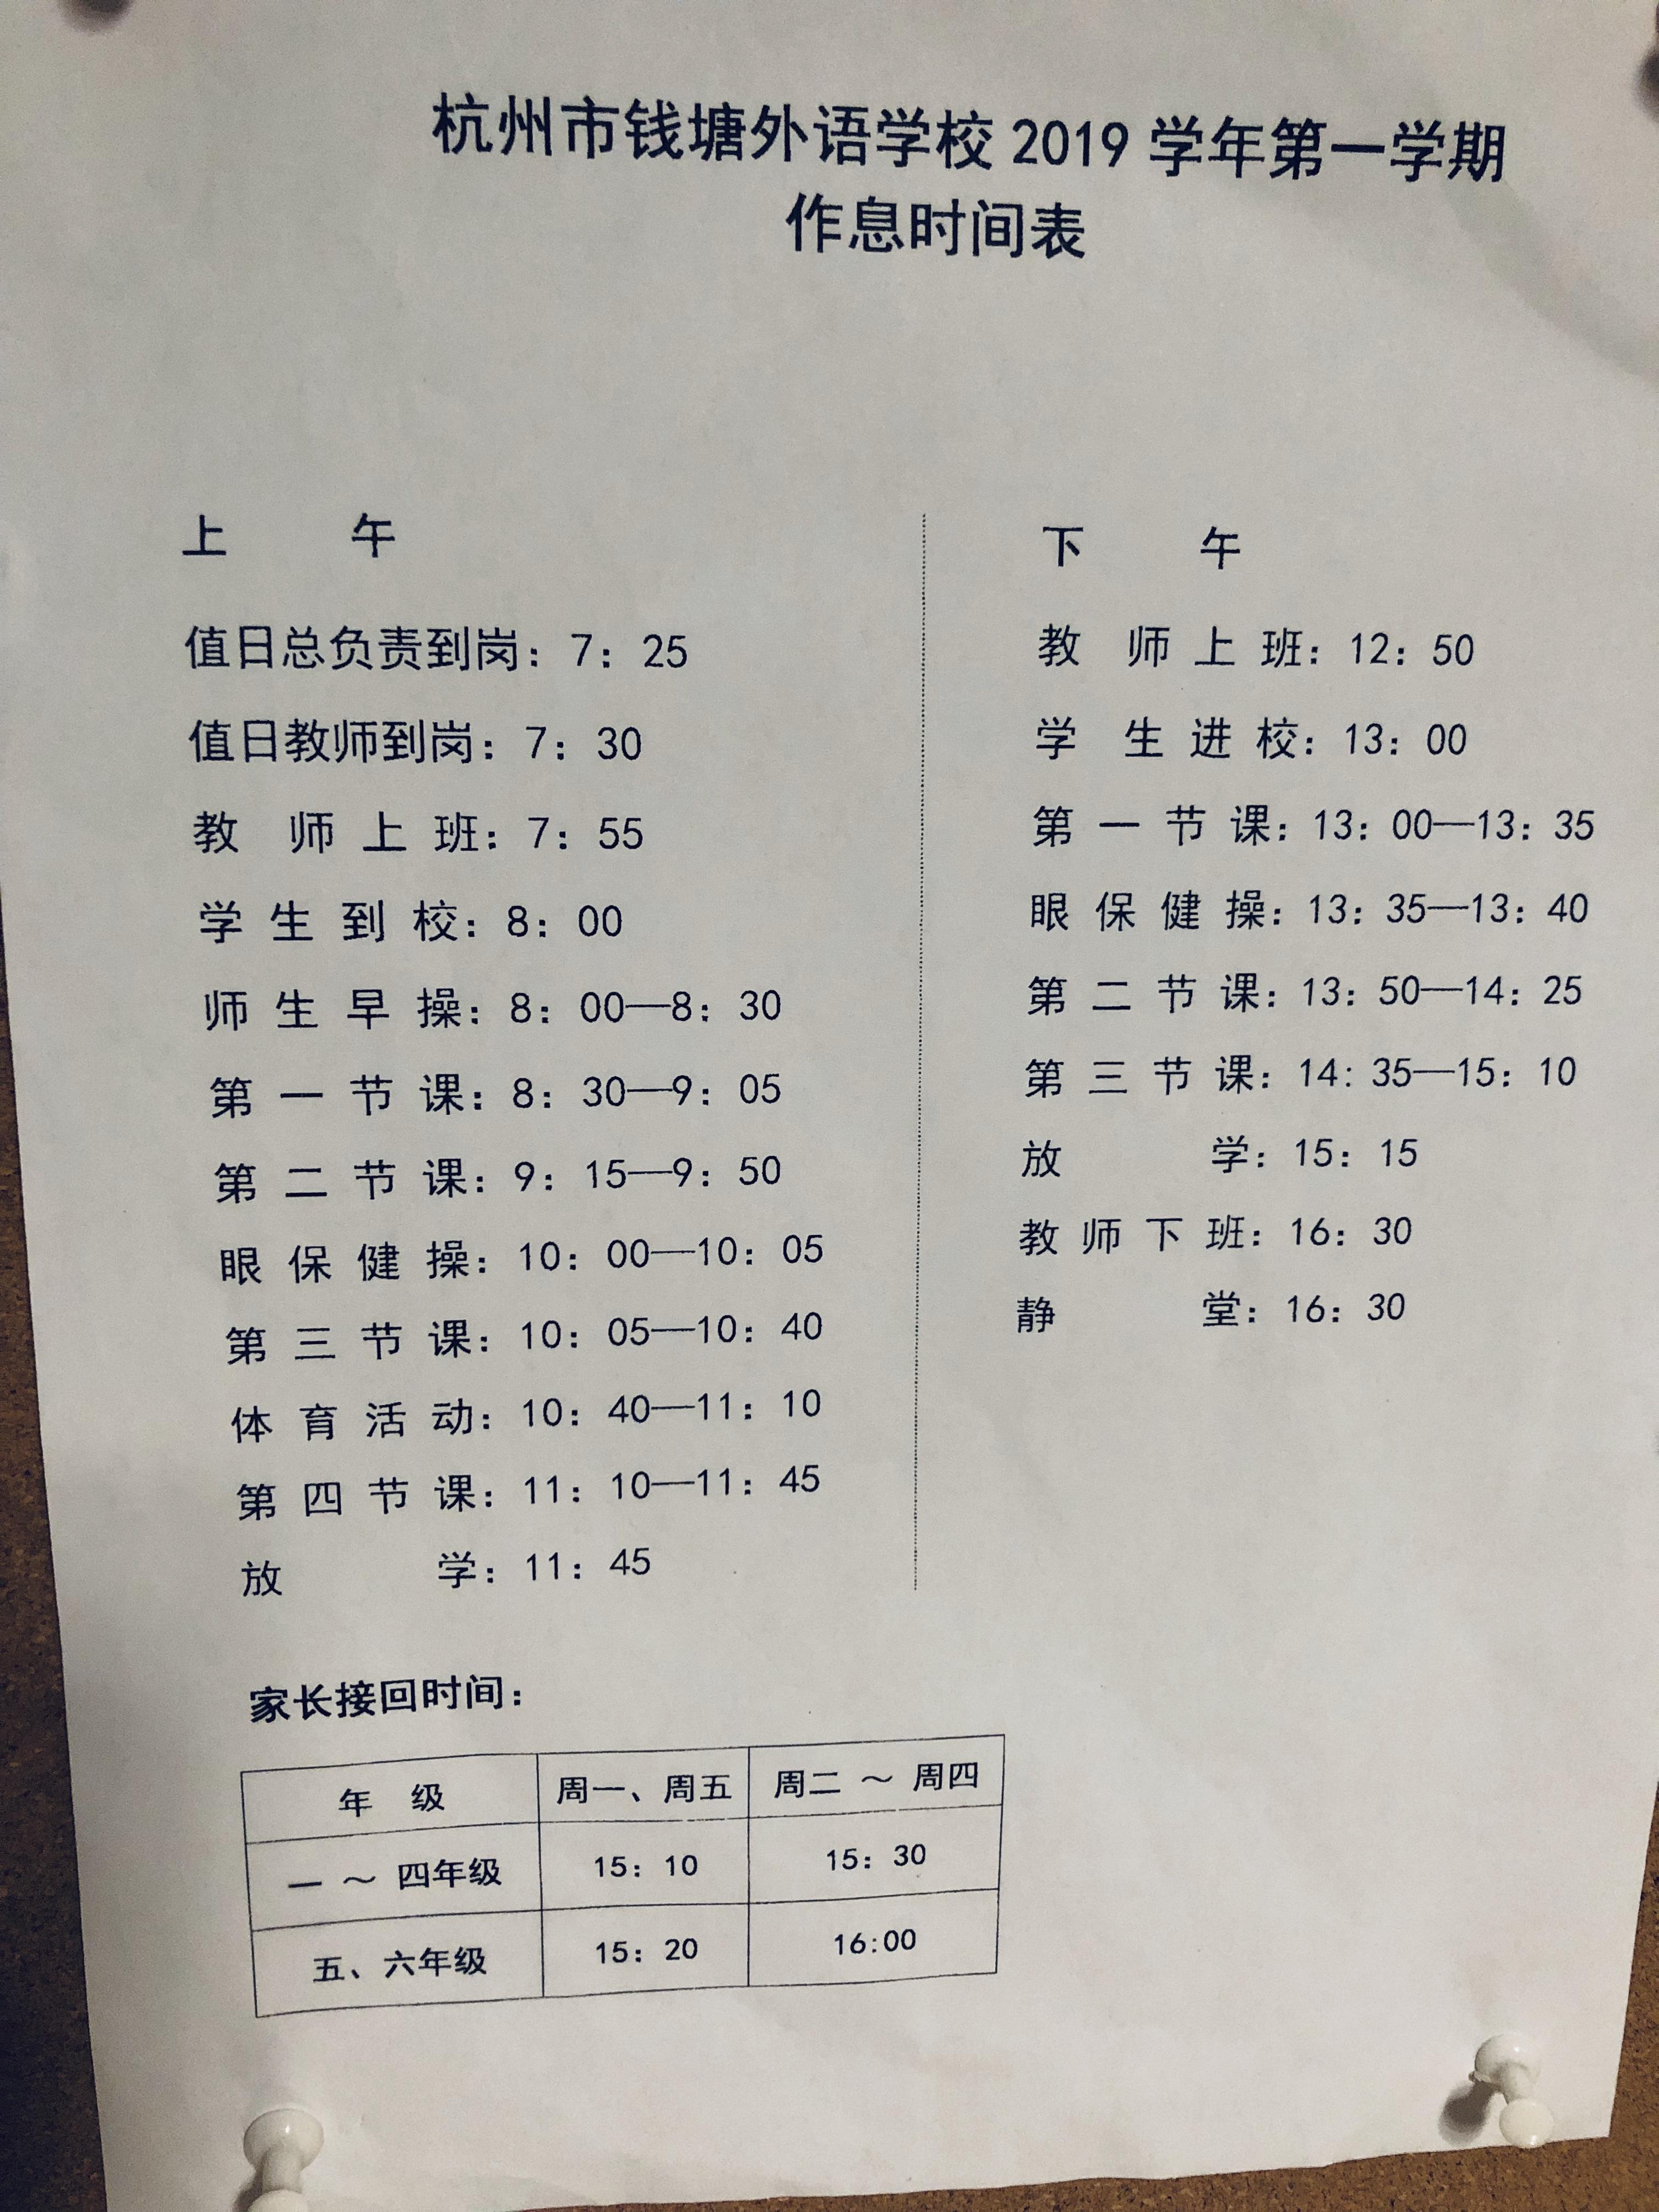 21钱塘外国语作息表.jpg